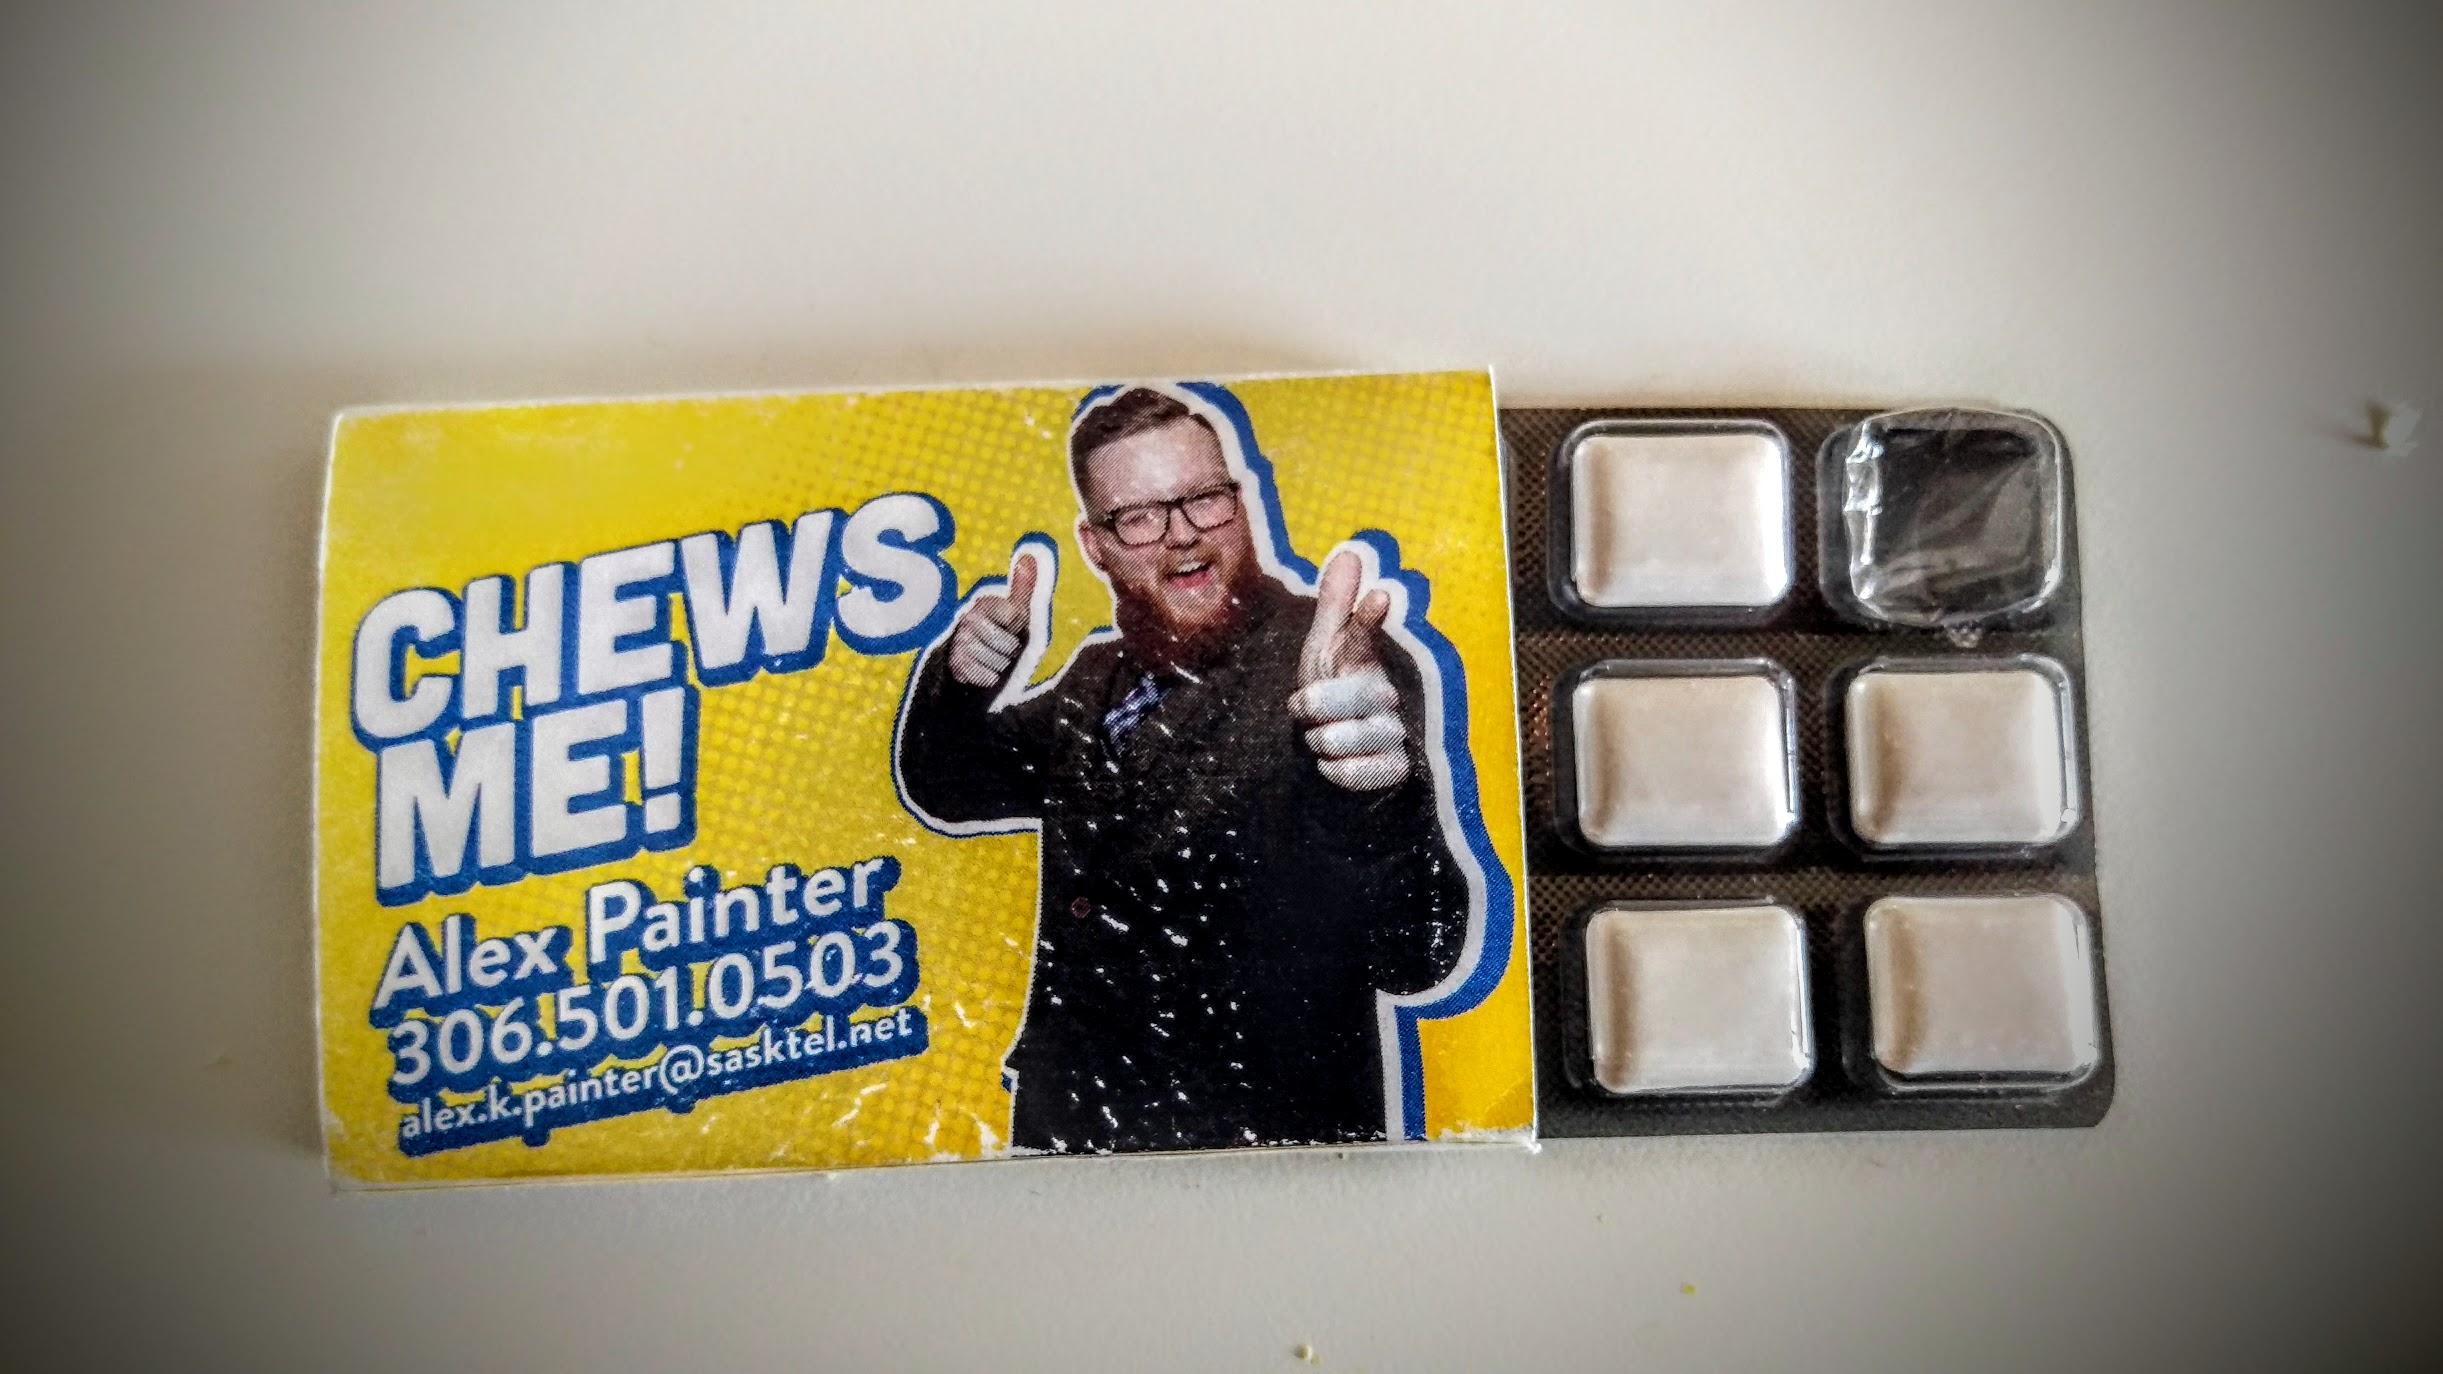 chews-me-alex-painter